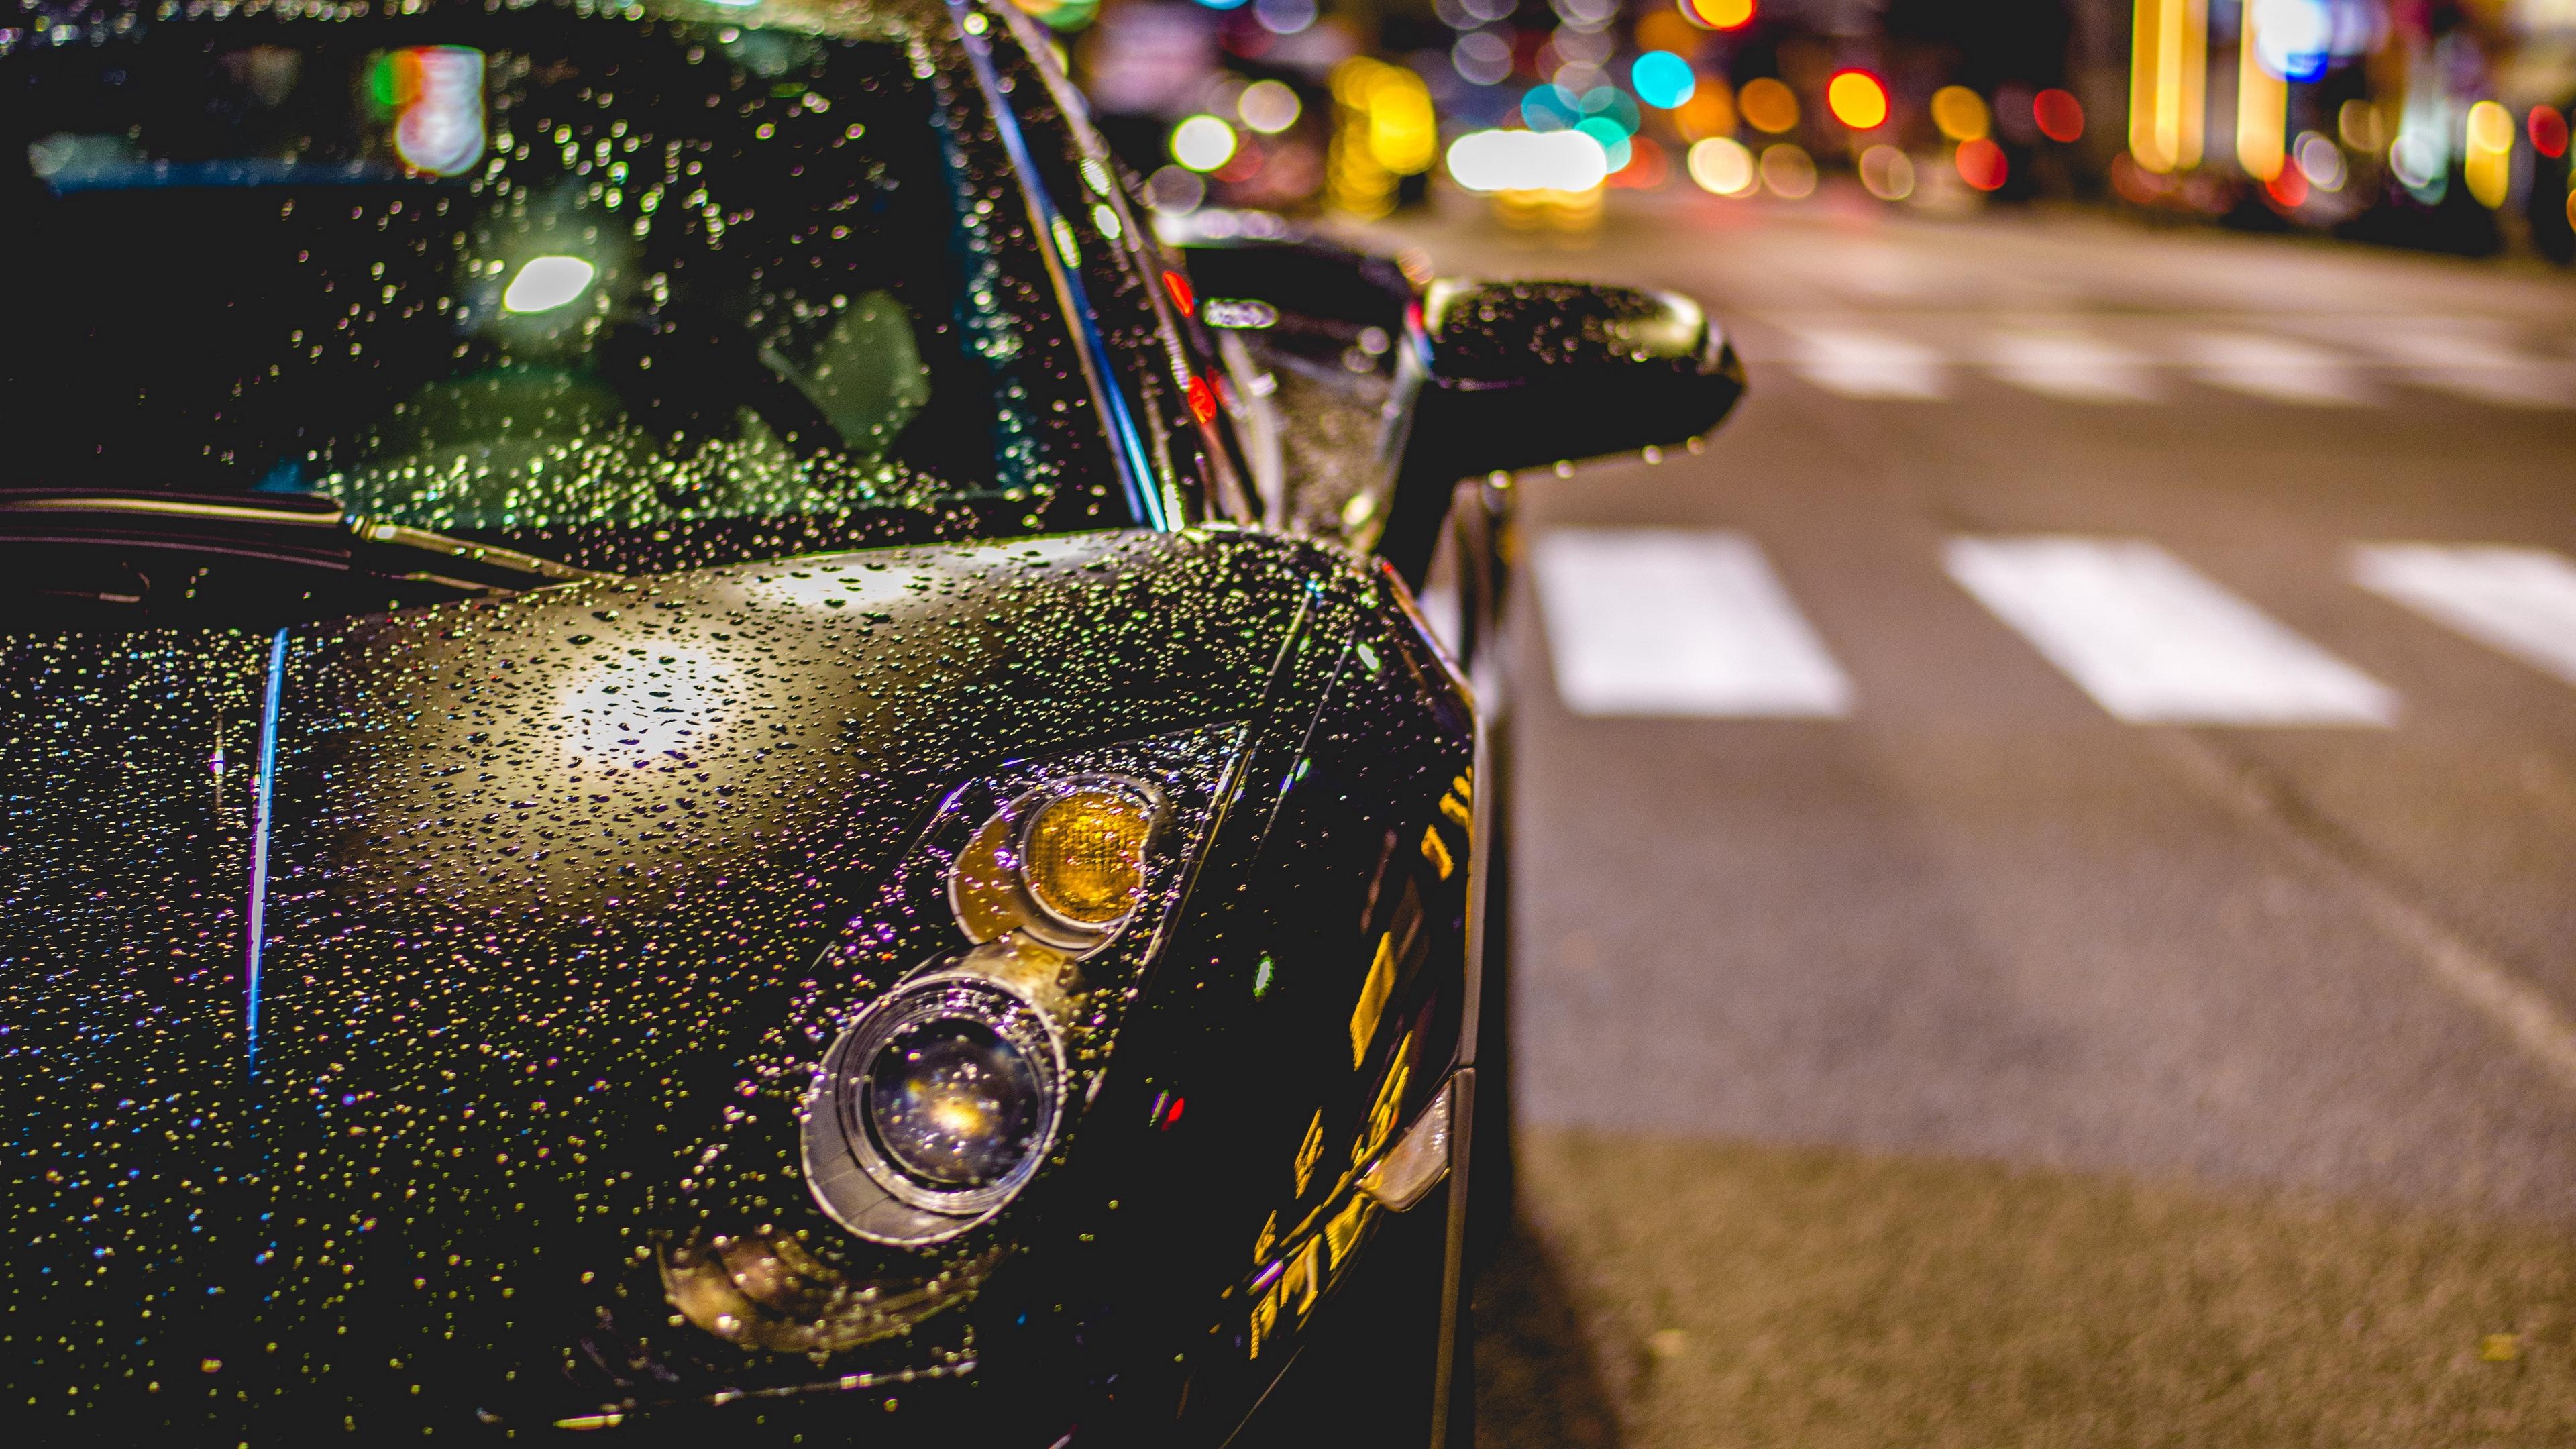 auto front view rain drops 4k 1538936331 - auto, front view, rain, drops 4k - Rain, front view, auto